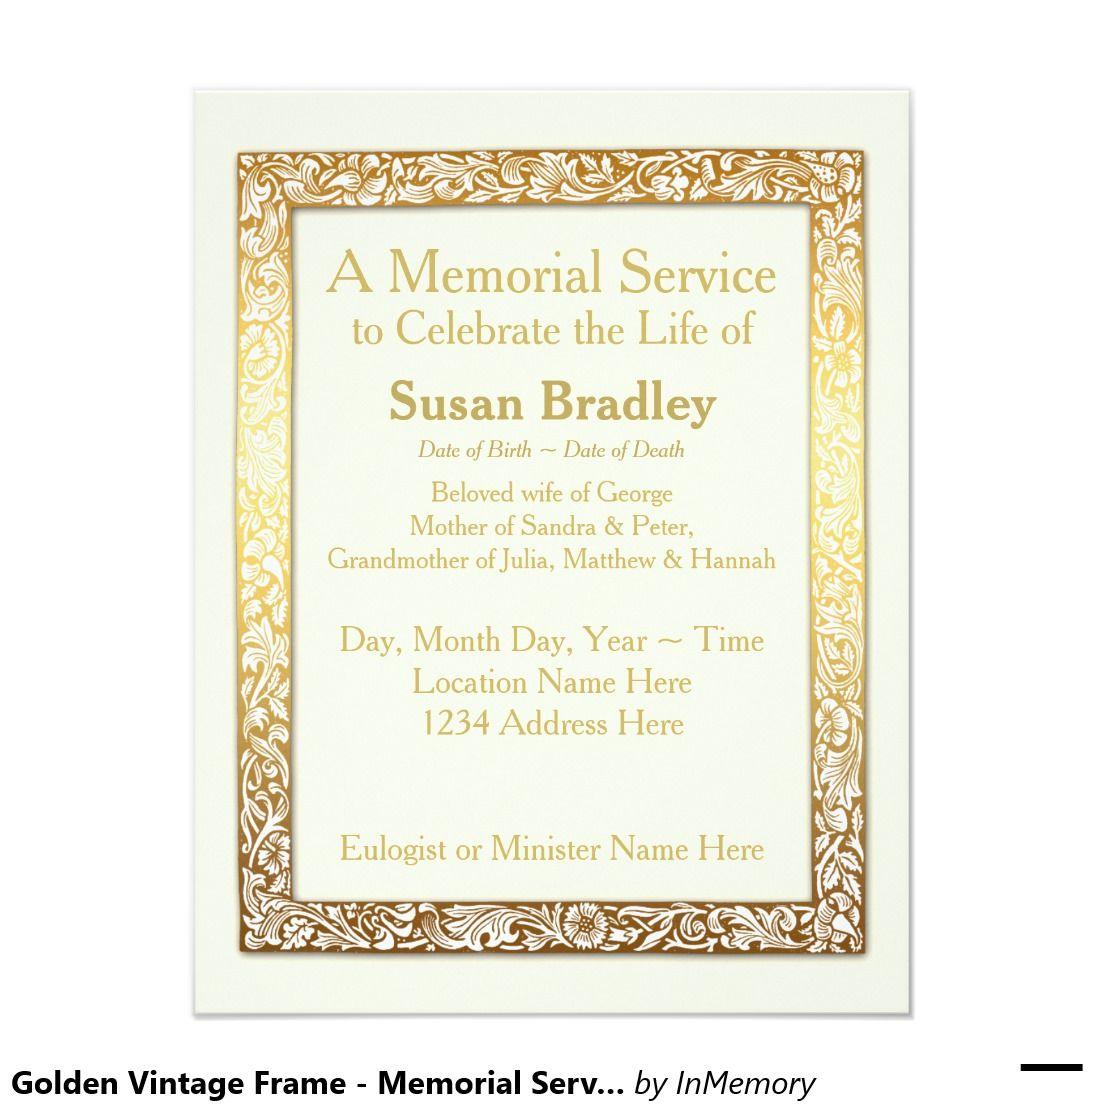 Golden Vintage Frame Memorial Service Invitation